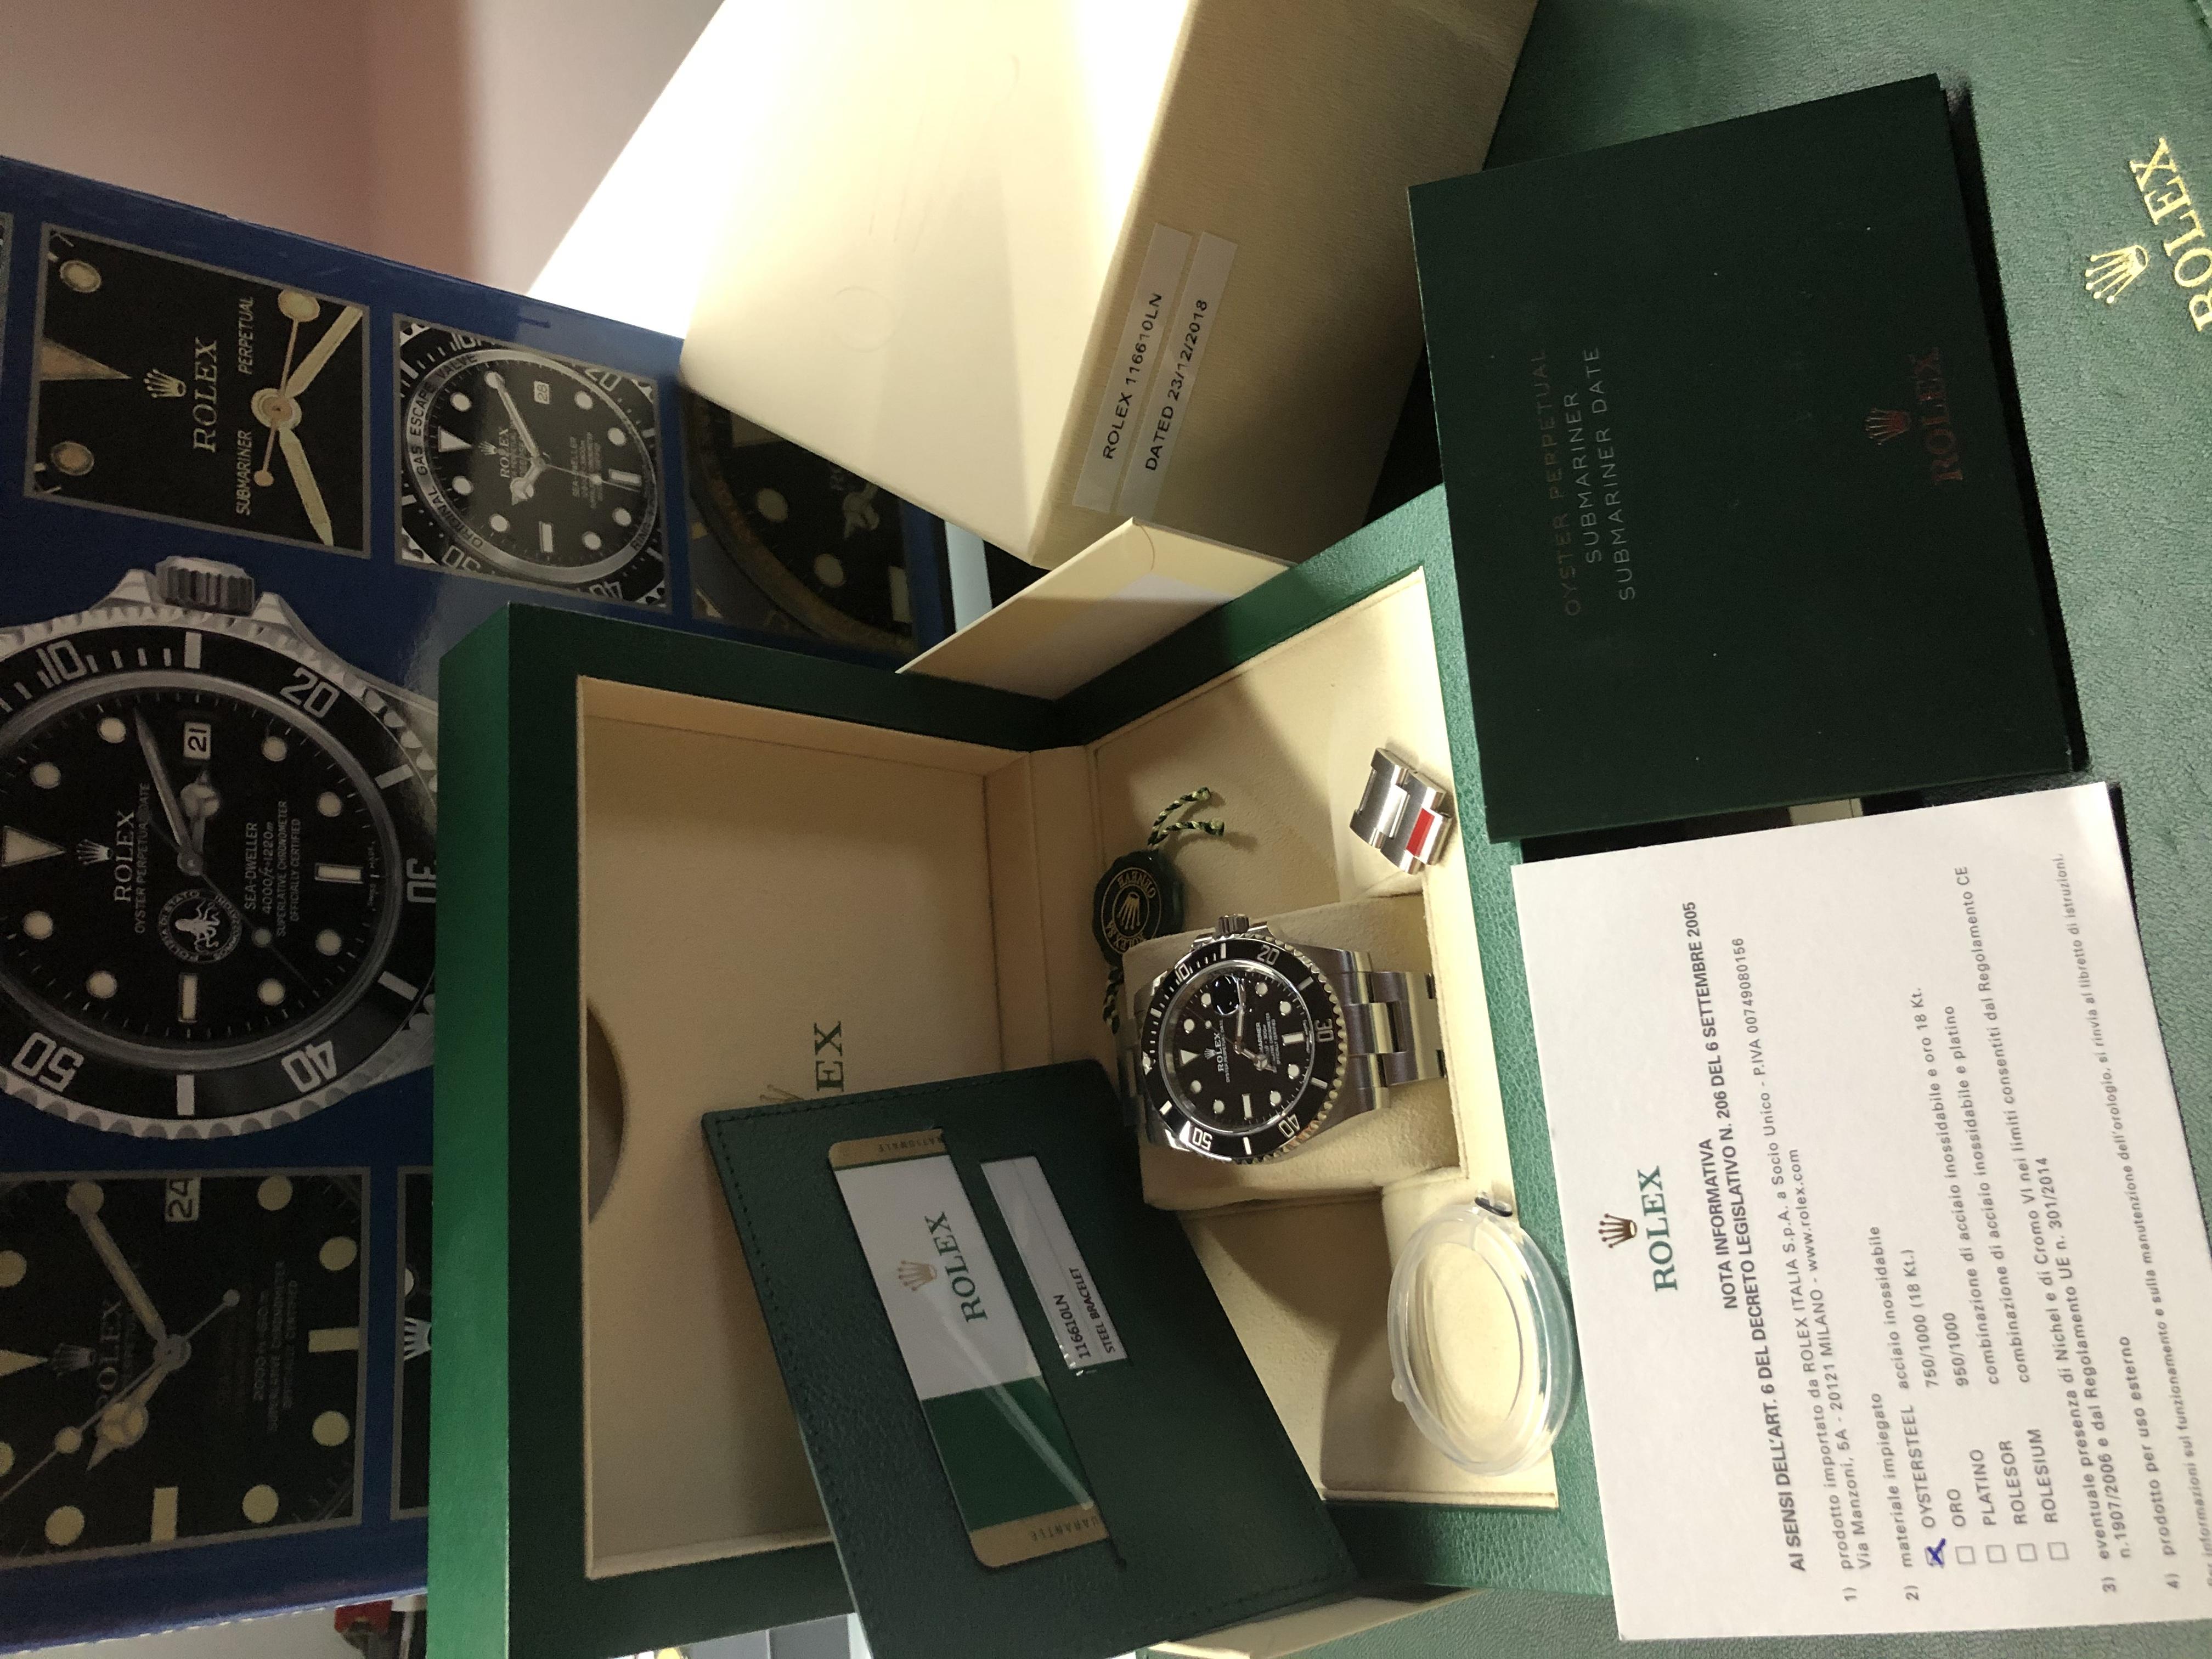 Rolex Submariner Date Ceramica - Mai indossato | Genova